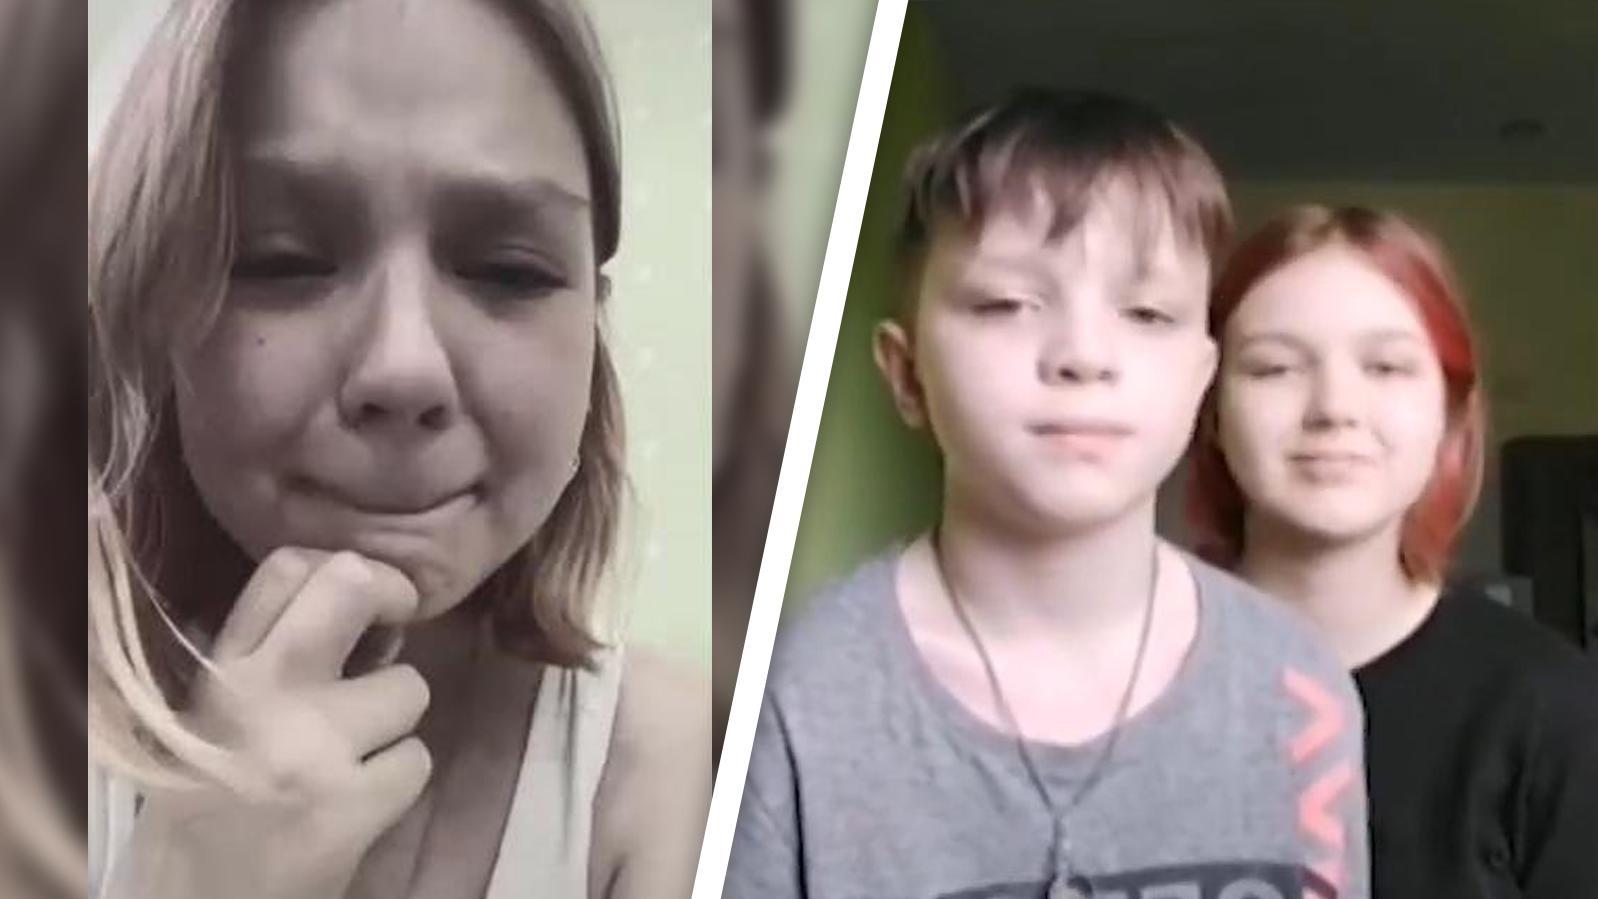 Die erst 14-jährige Darya und ihr 11-jähriger Freund haben ihre Trennung nur vorgetäuscht.